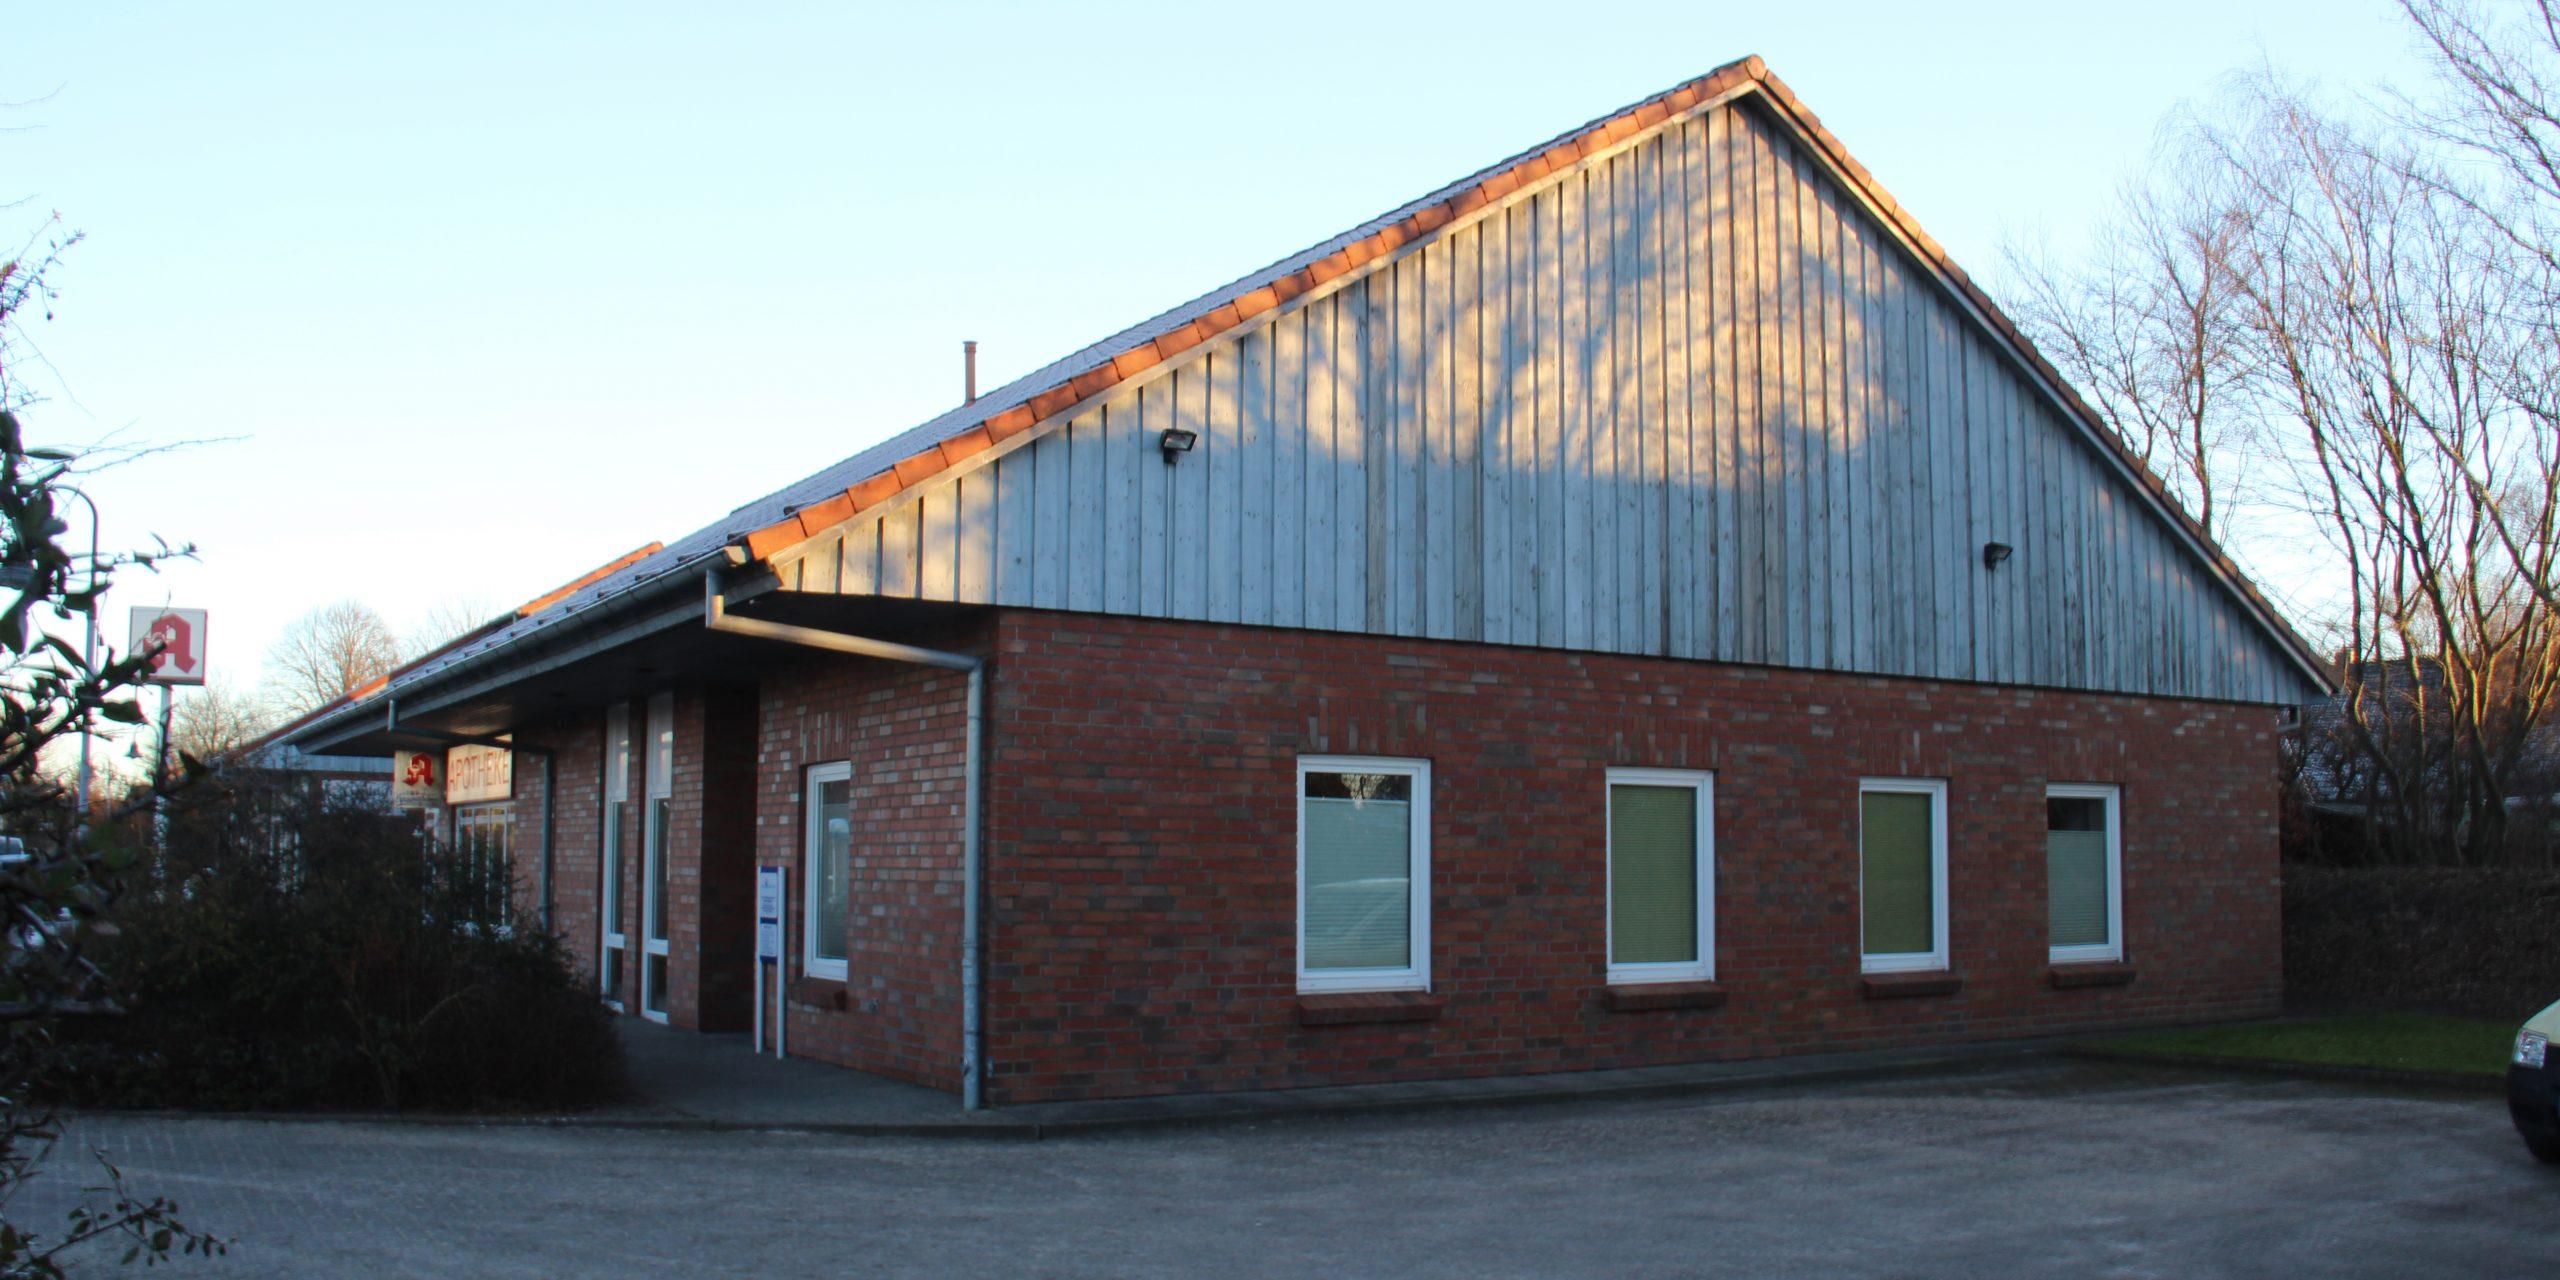 Die Praxis wurde dann wenig später gebaut, in direkter Nachbarschaft: die Birkland-Apotheke.